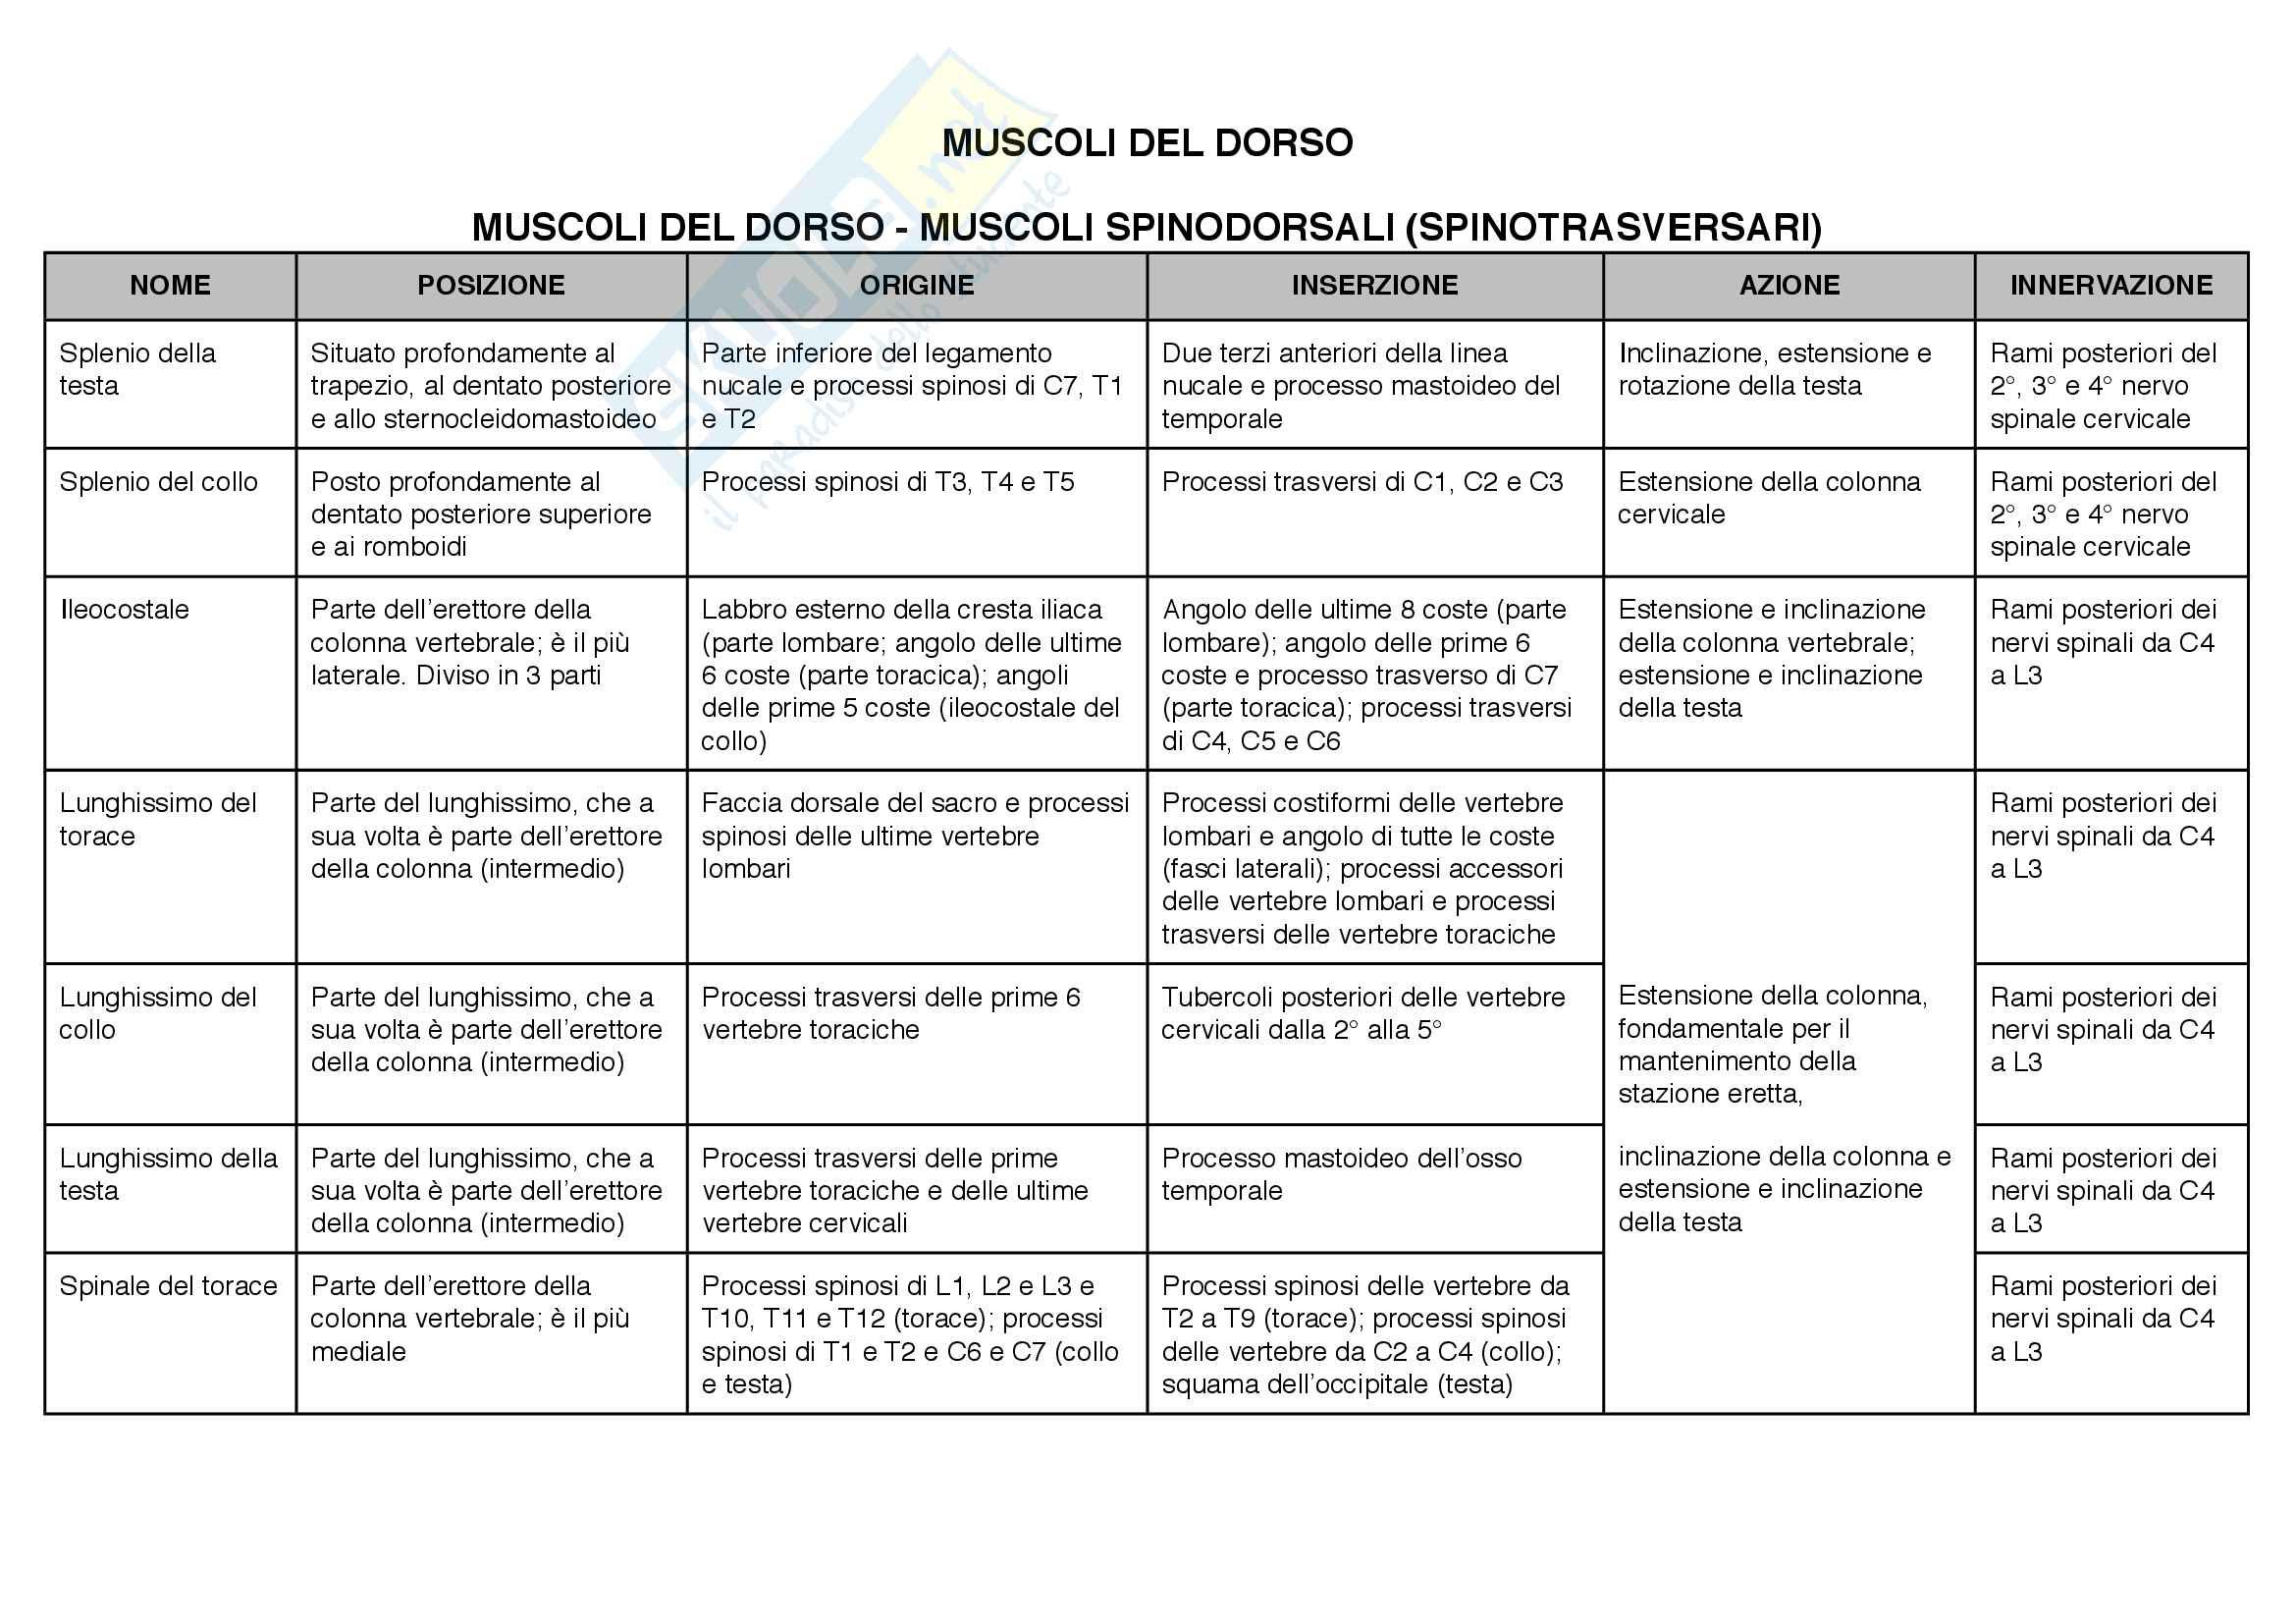 Anatomia: articolazioni e muscoli(posizione,origine, inserzioni, azione,innervazione) Pag. 26